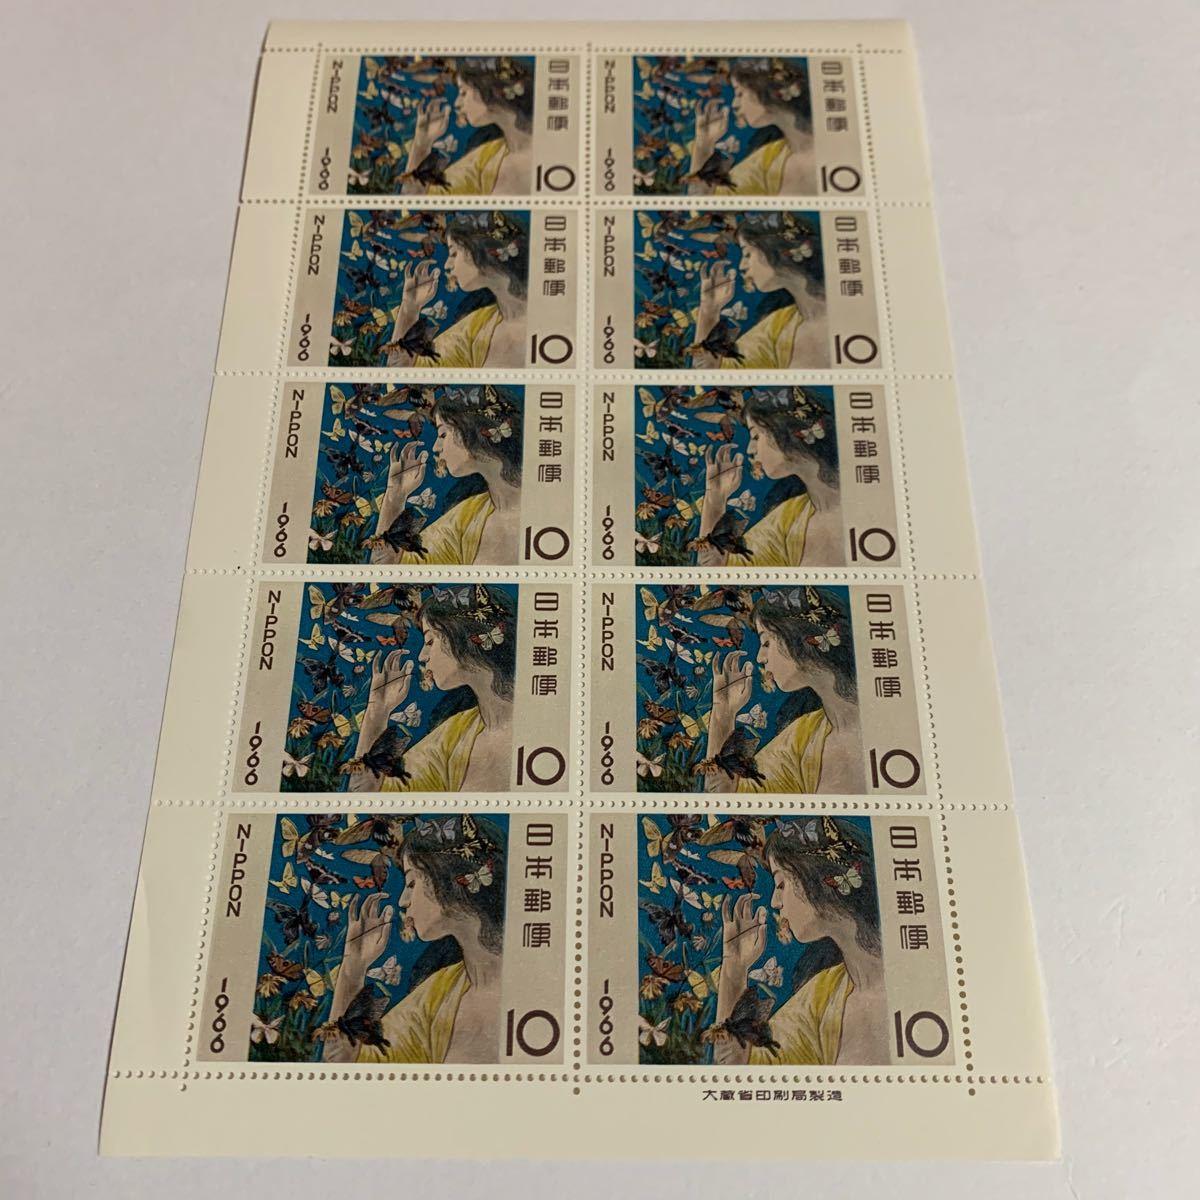 切手趣味週間 切手 切手シート 日本切手 記念切手 昭和41〜42年 蝶*湖畔